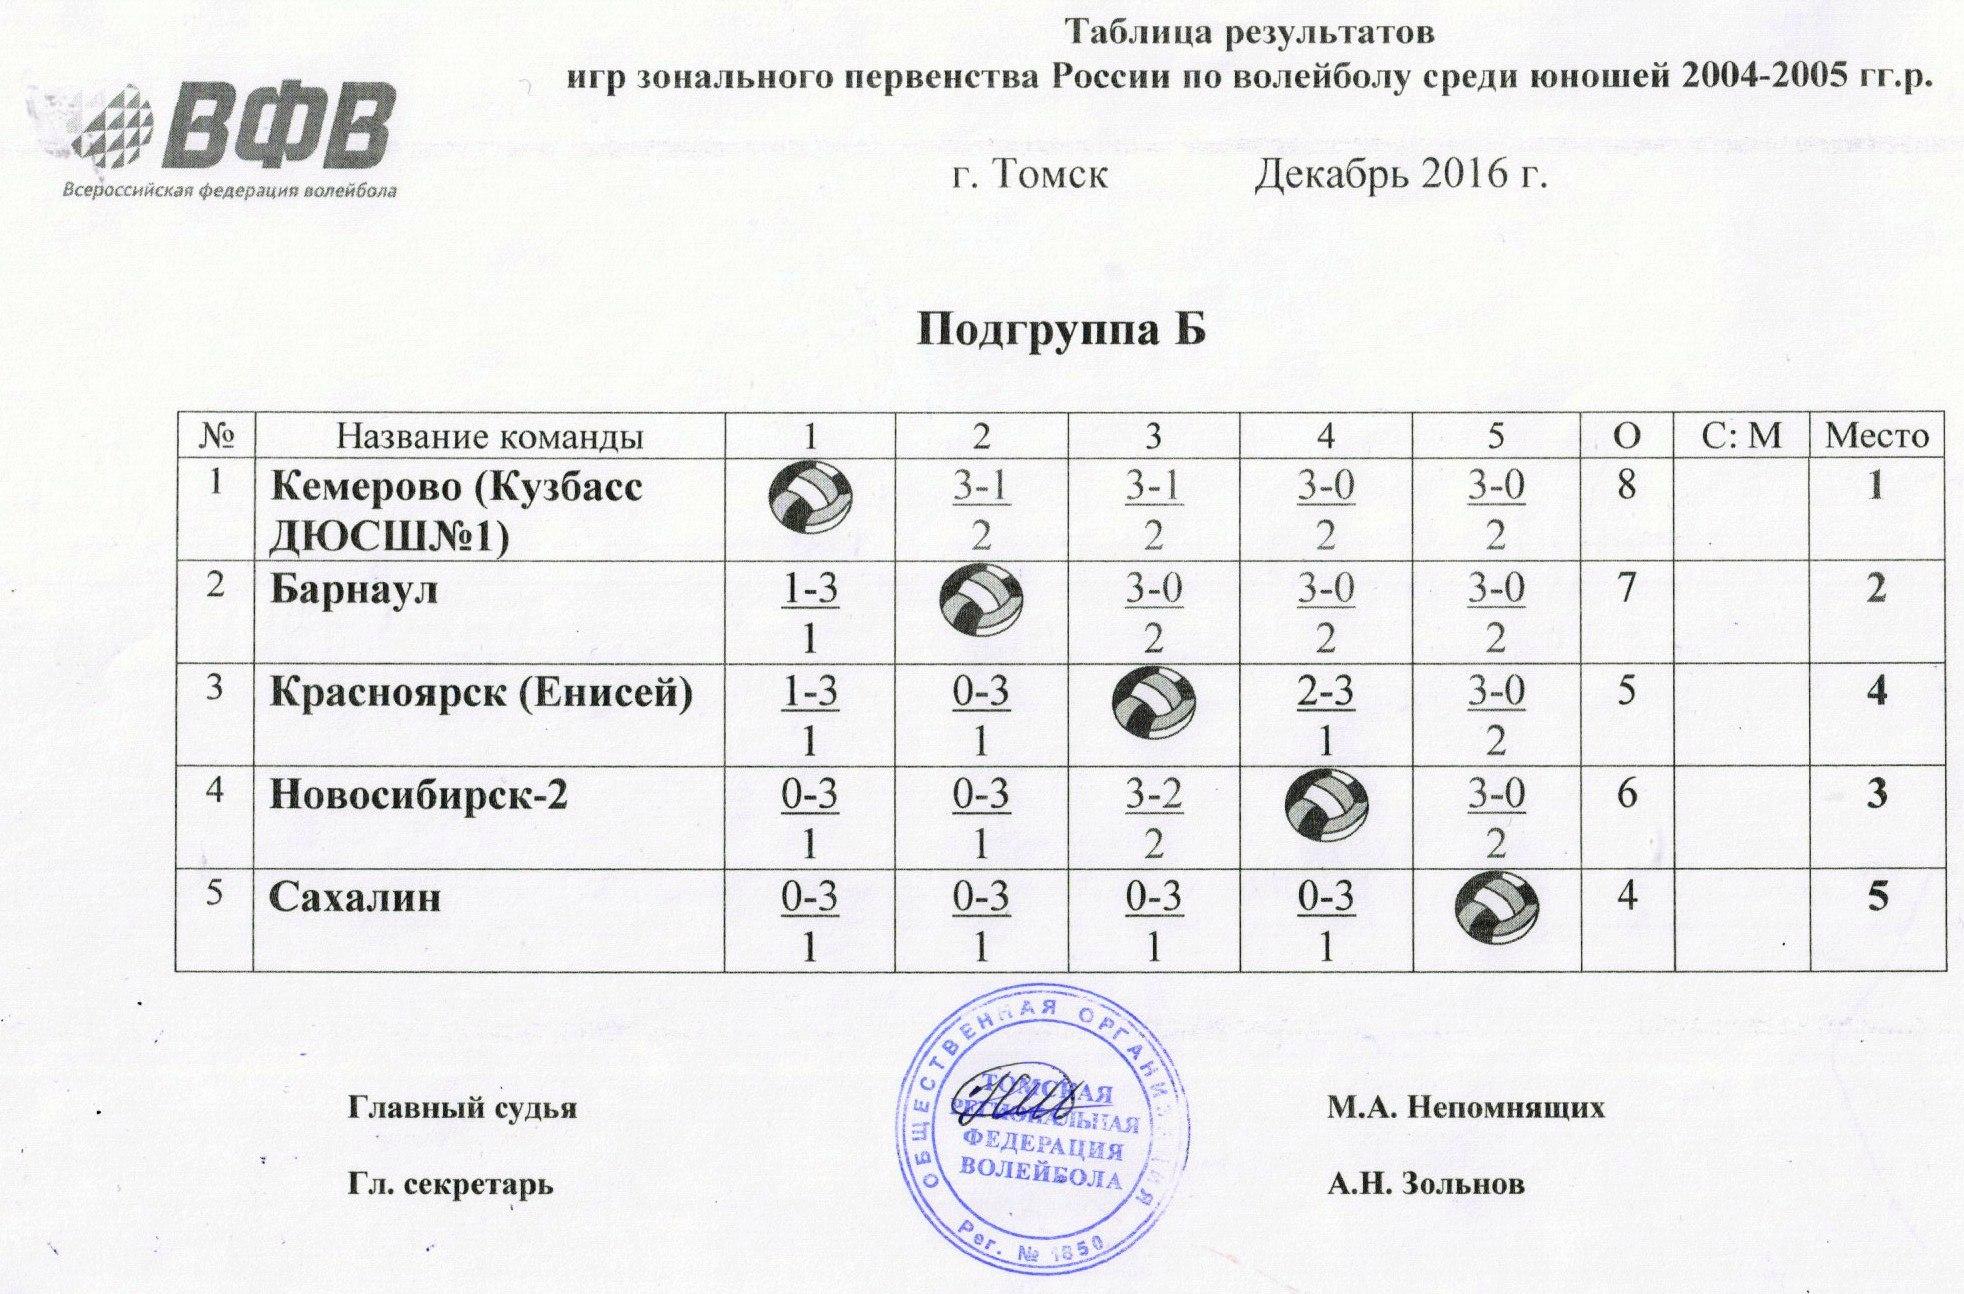 Подгруппа Б Зонального этапа Первенства России по волейболу среди команд юношей 2004-2005 г.р. сезона 2016/2017.